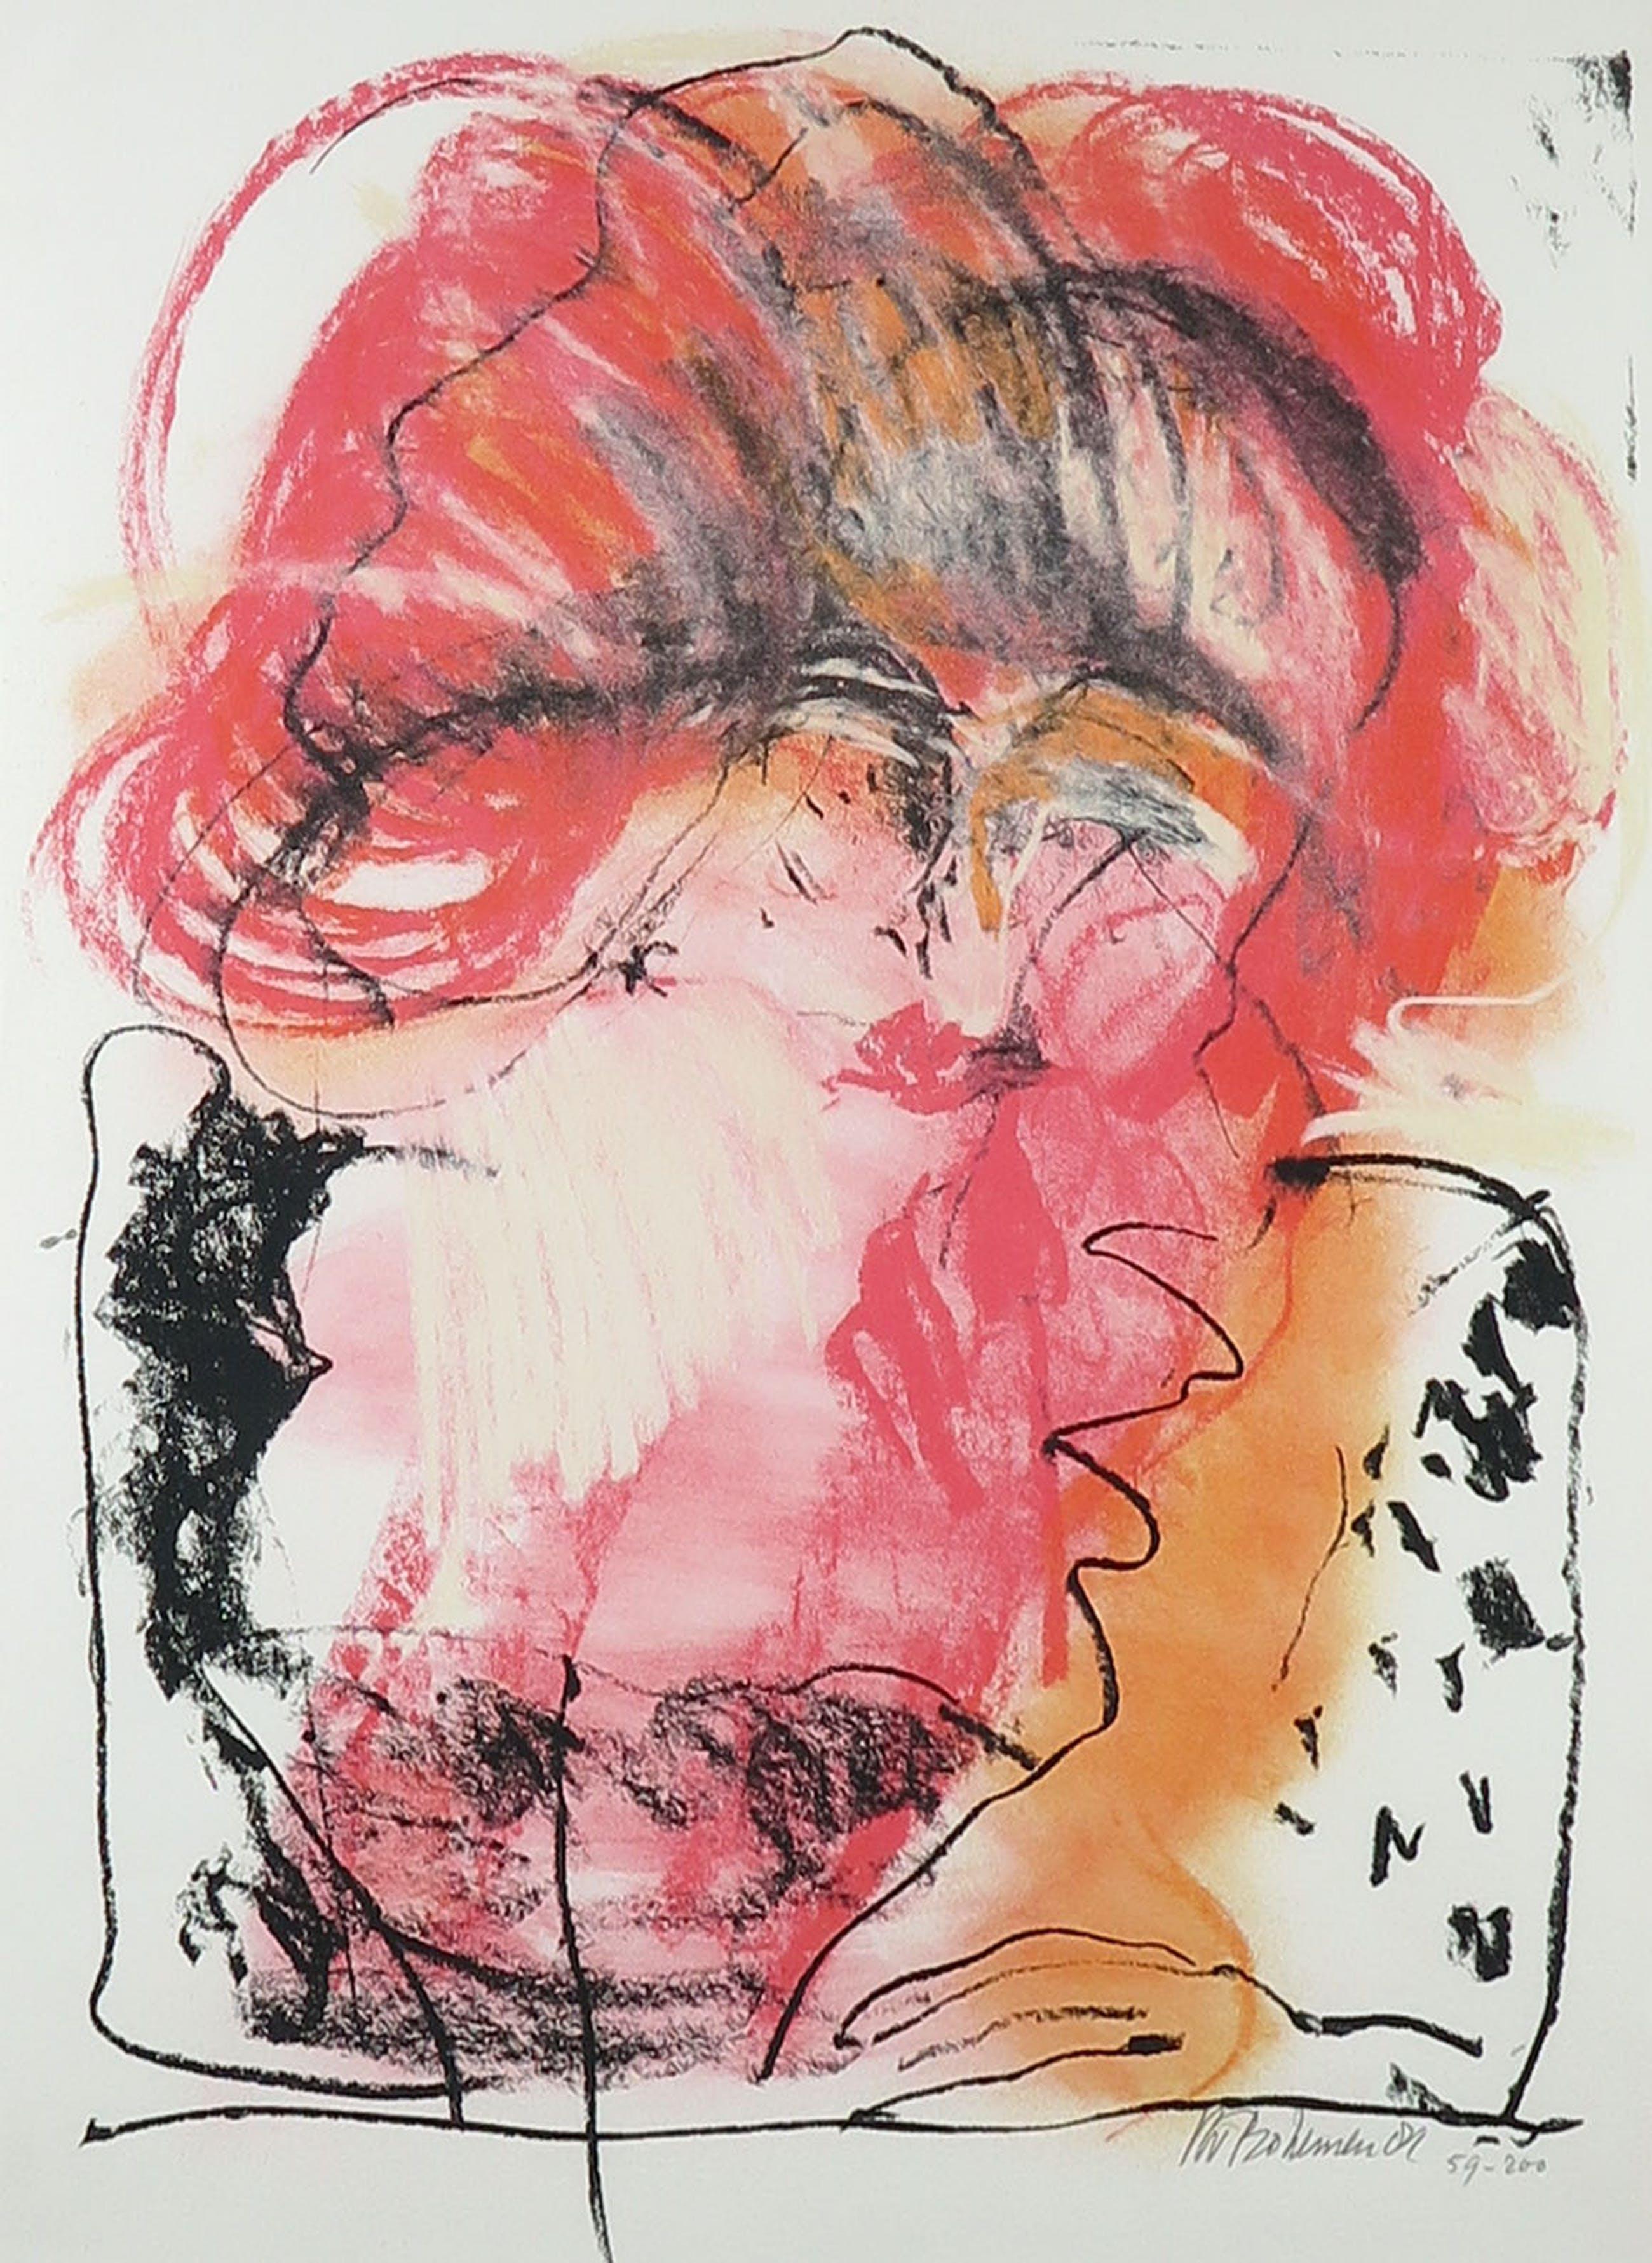 Kees van Bohemen - Litho, Vrouw met rood haar - Ingelijst (Groot) kopen? Bied vanaf 100!